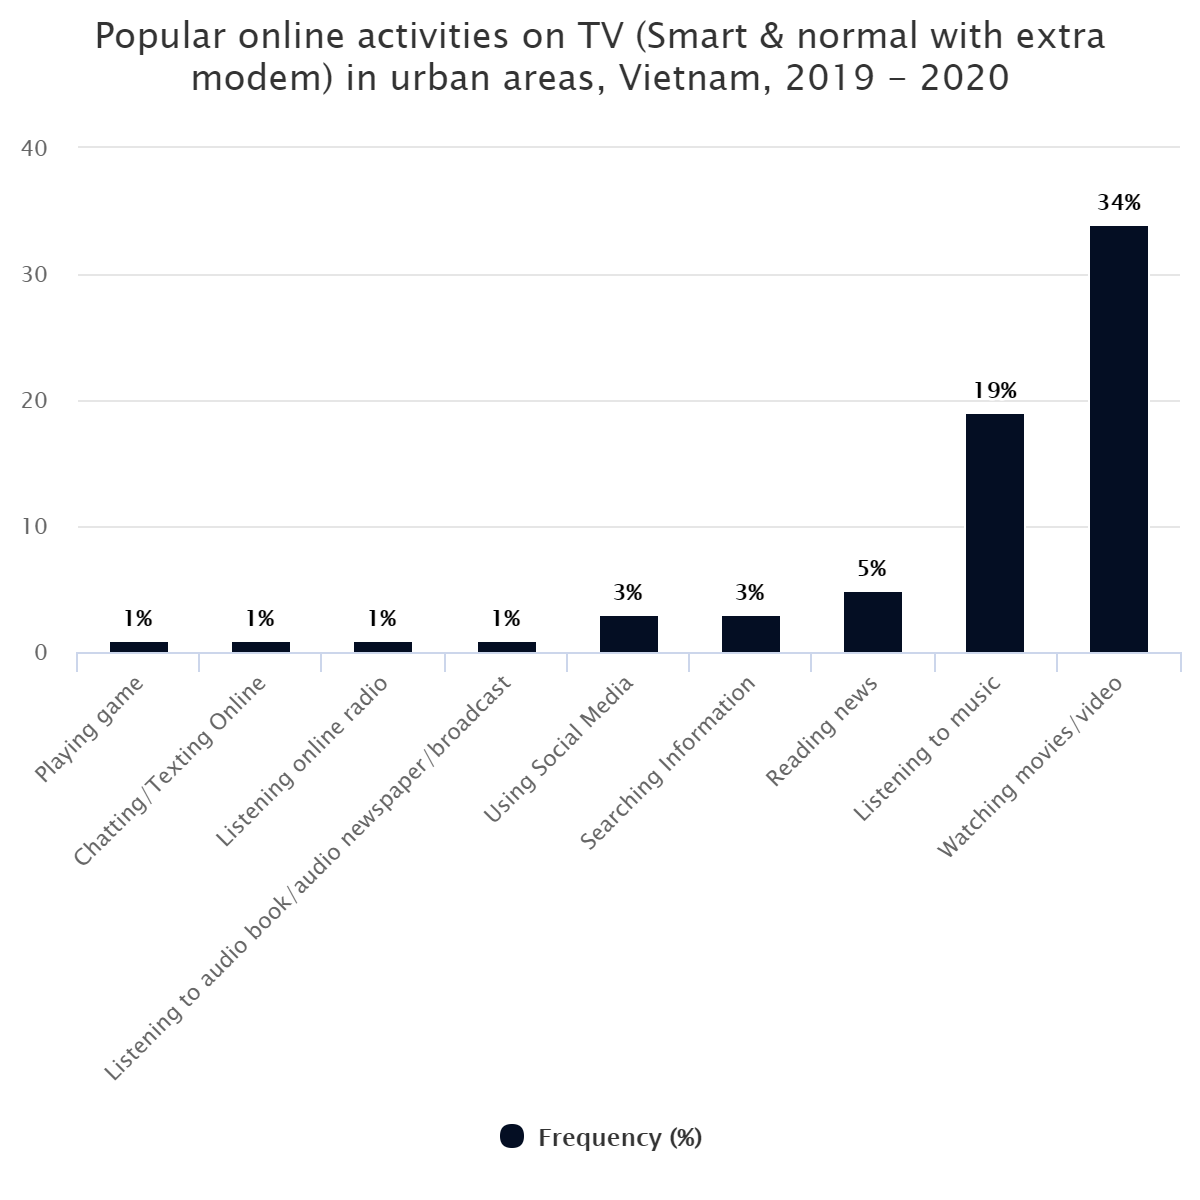 Popular online activities on TV (Smart & normal with extra modem) in urban areas, Vietnam, 2019 – 2020